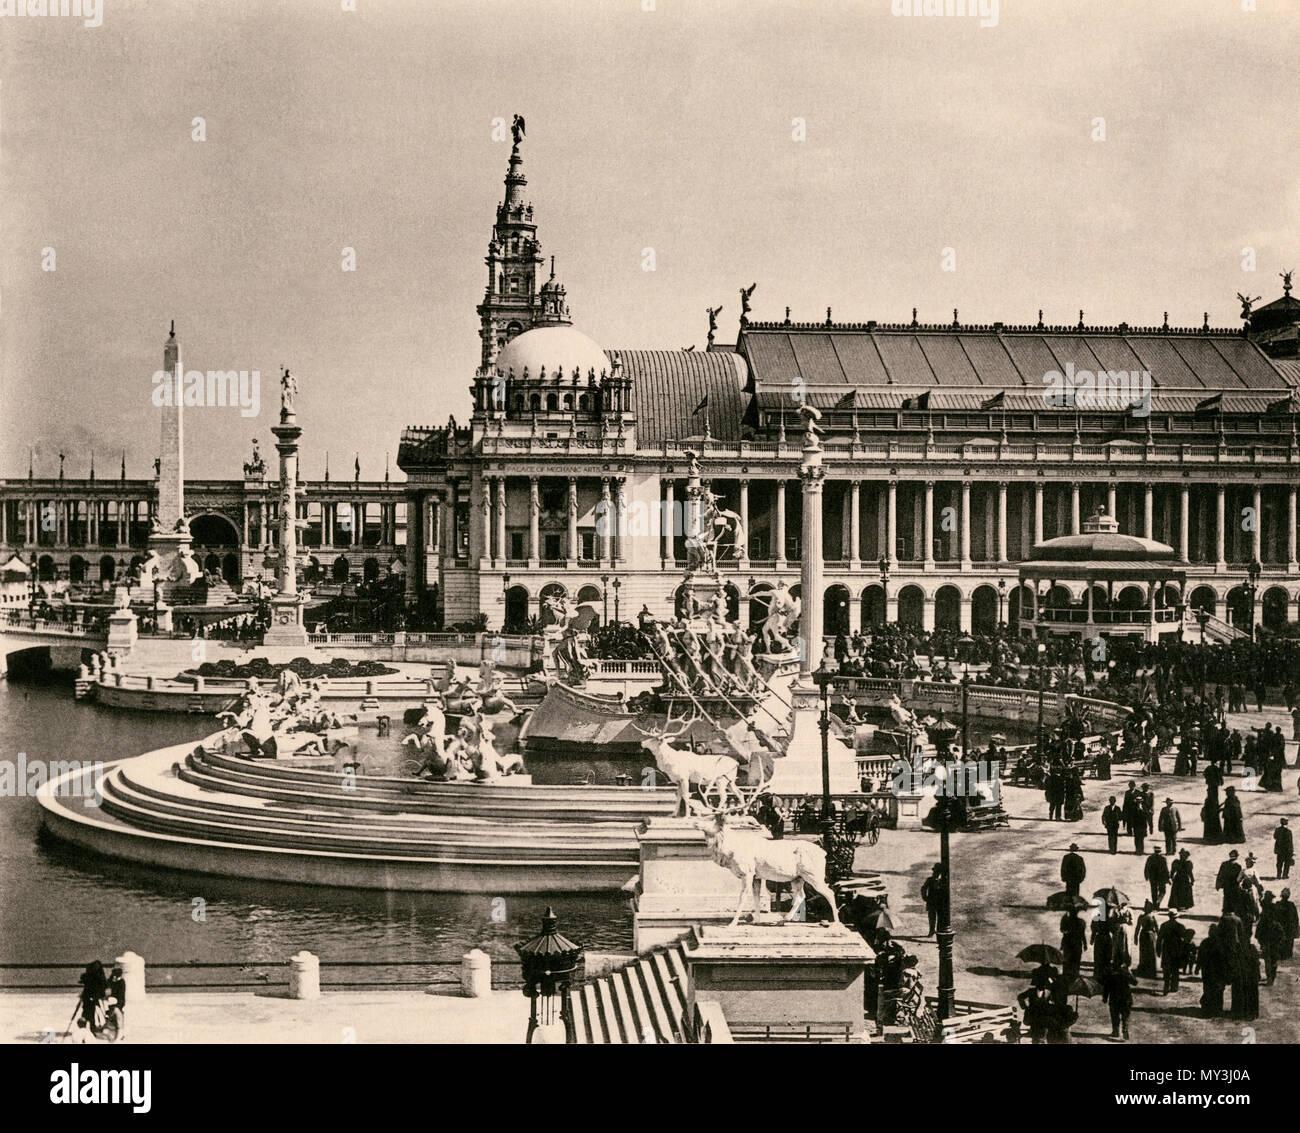 Bassin supérieur, l'Obélisque, salle des machines et MacMonnies Fontaine, Columbian Exposition de Chicago, 1893. Albertype (photographie) Photo Stock